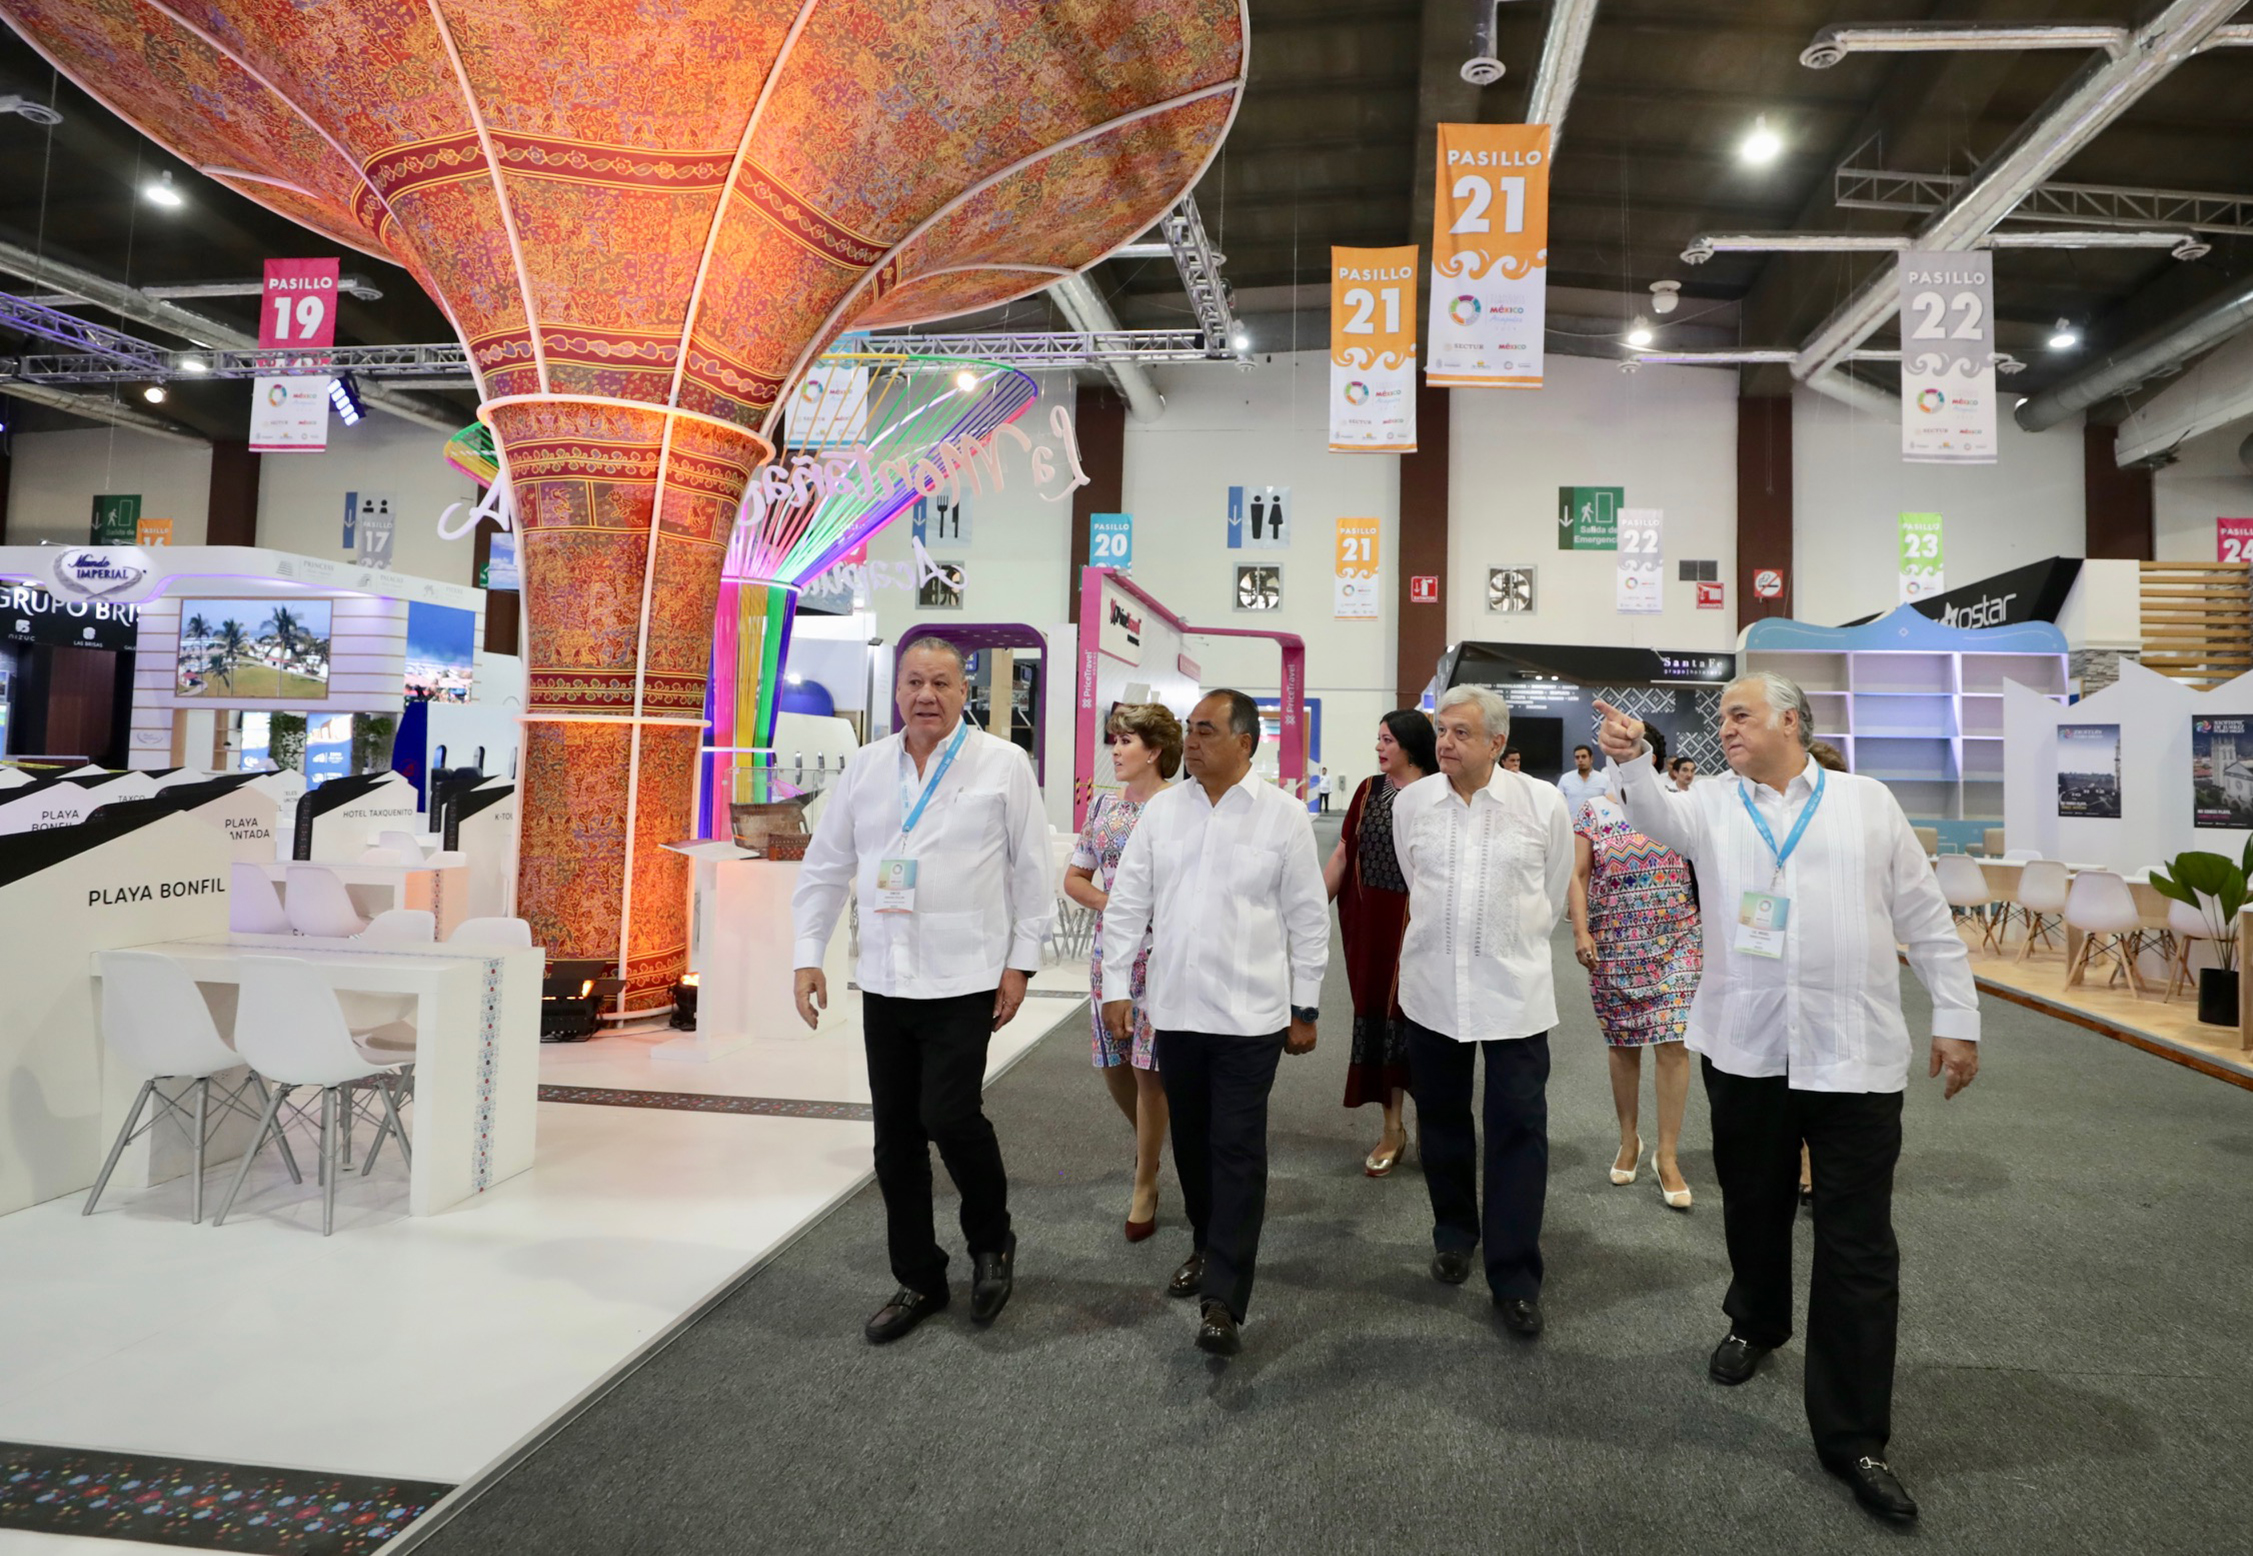 López Obrador evaluará si destina 125 mdd para promoción turística